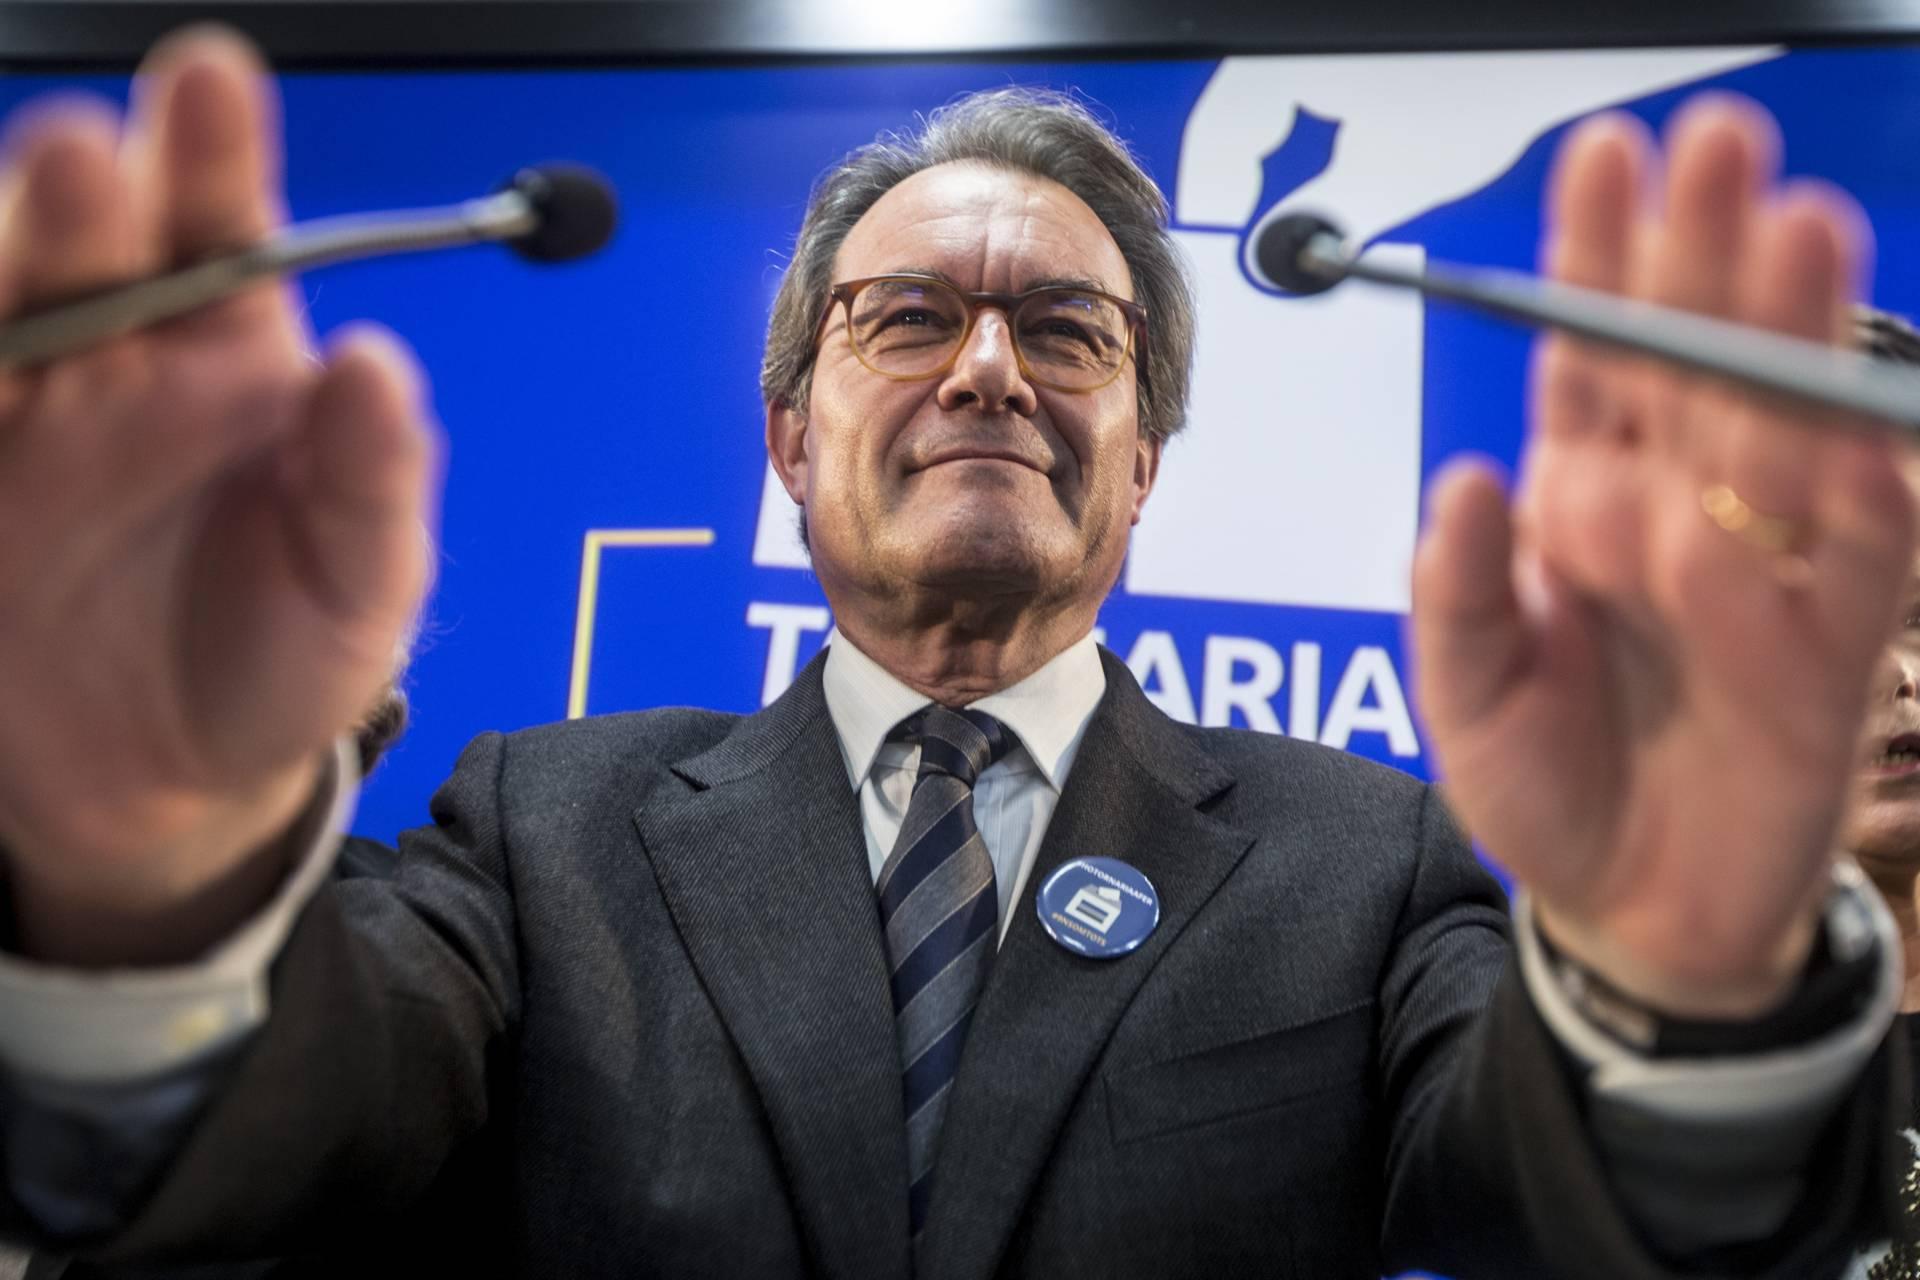 El ex president de la Generalitat de Cataluña Artur Mas.